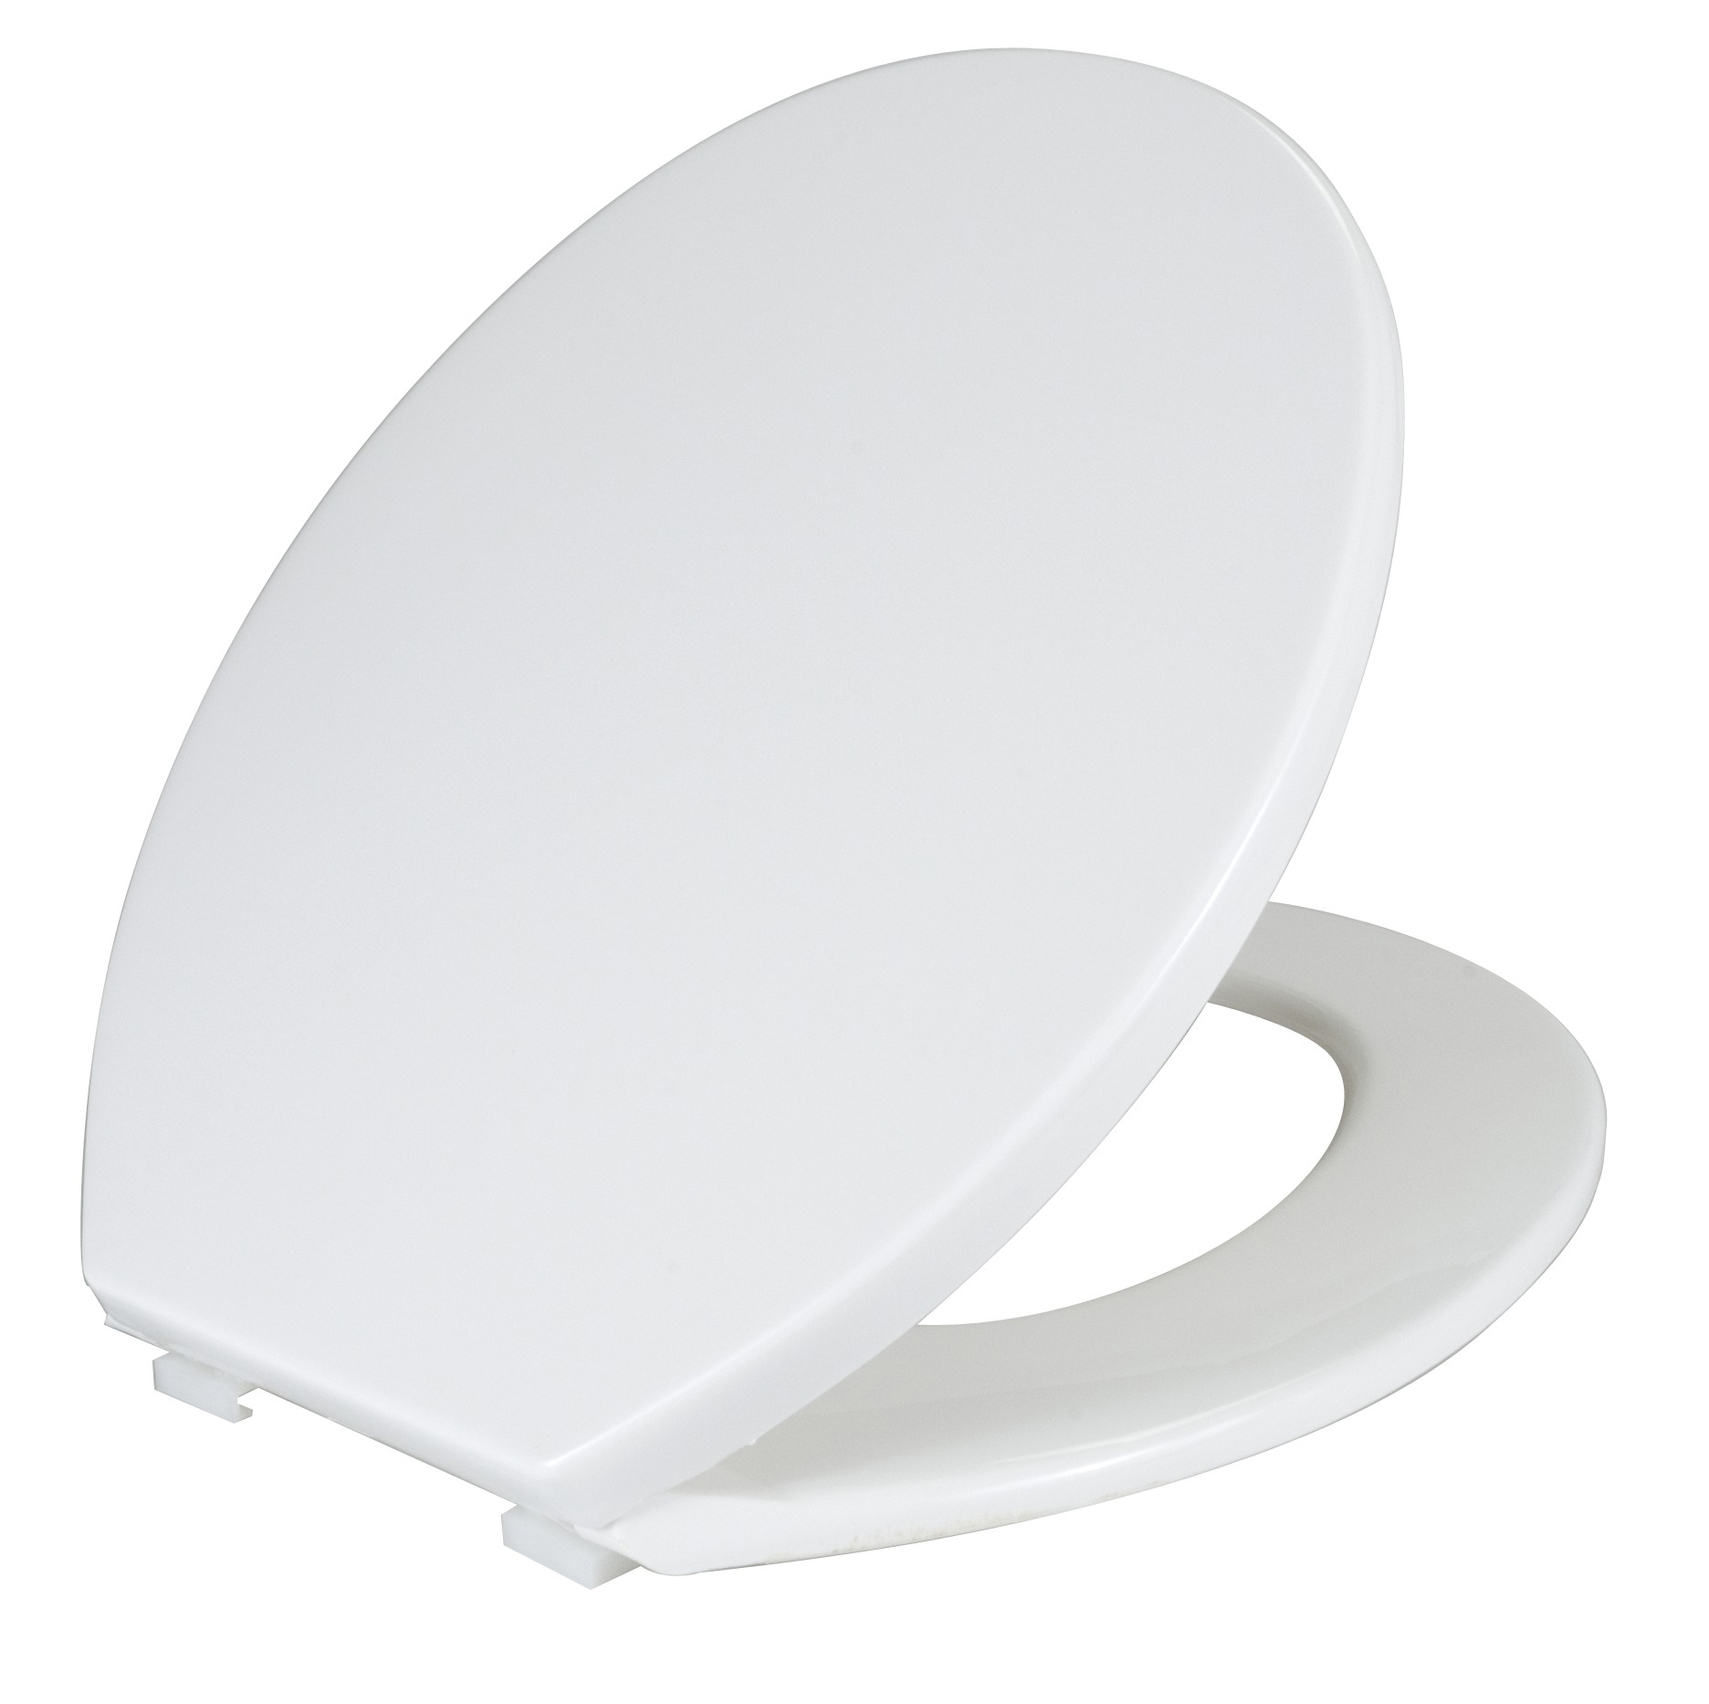 Wenko - Toilet Seat - Aurora - White - Thermoplast